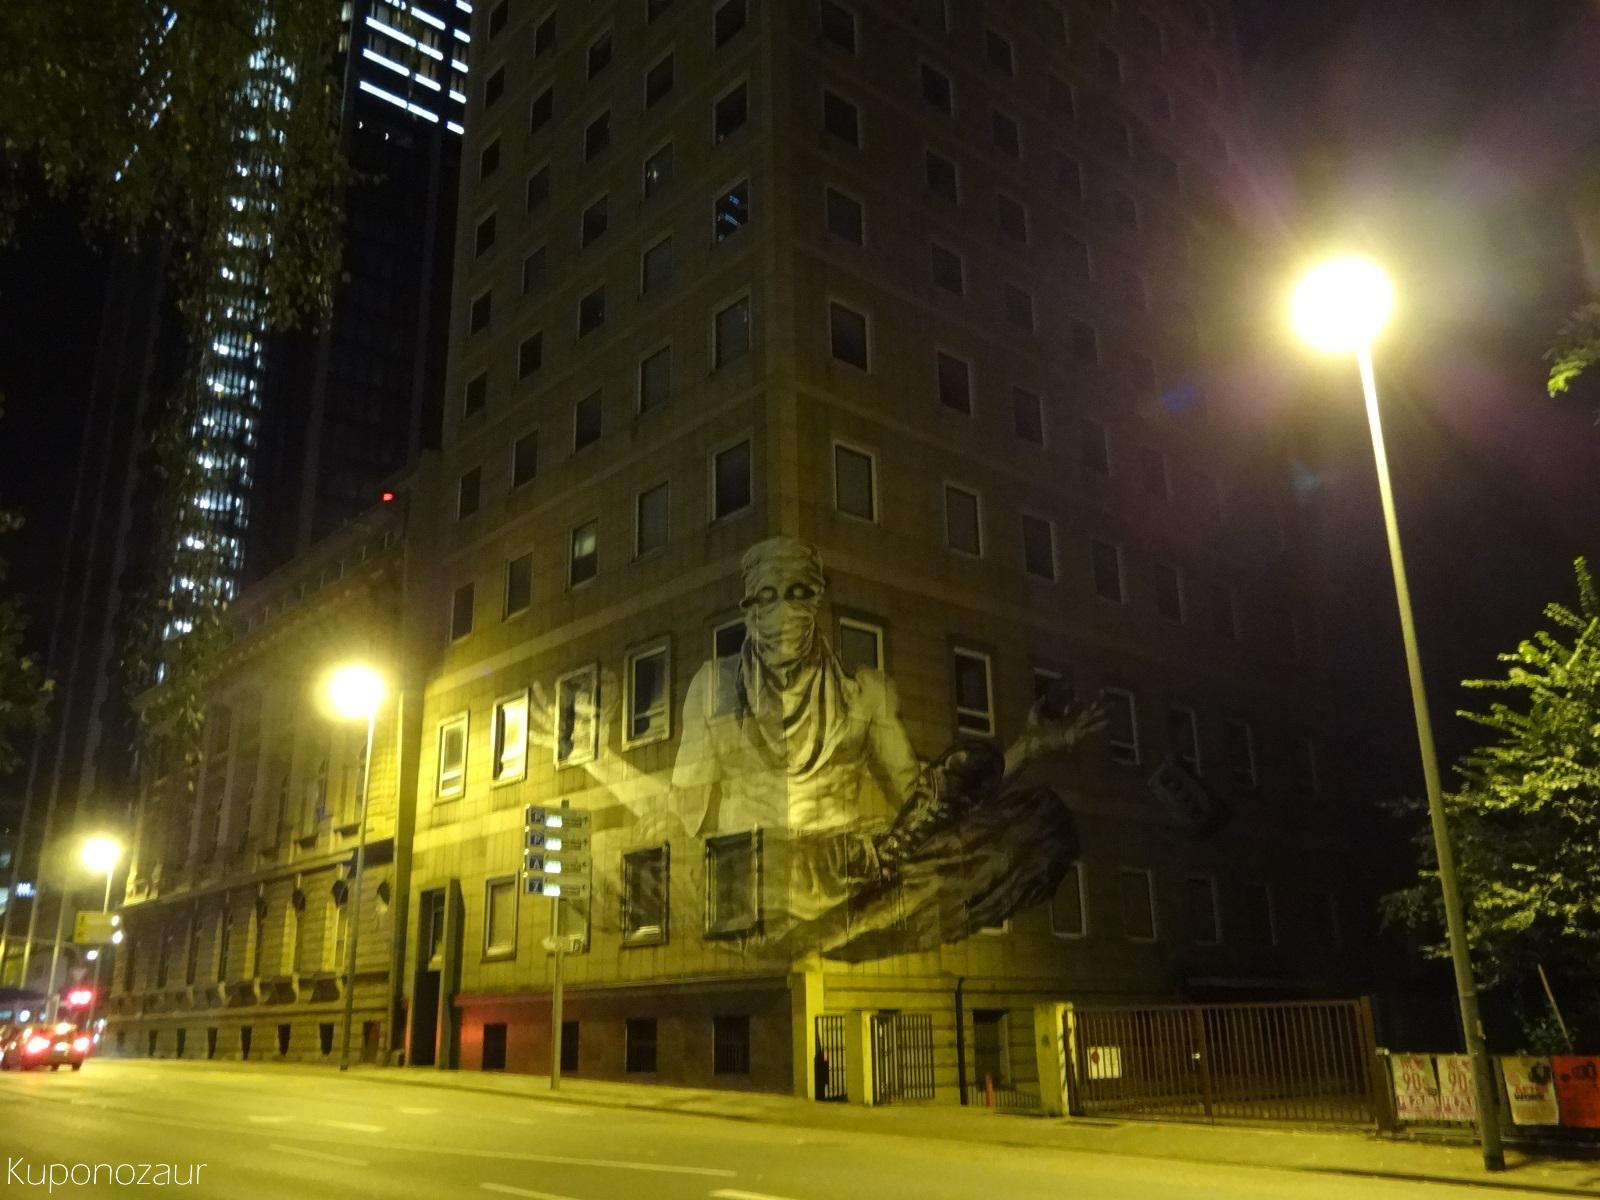 Frankfurt mroczny mural na budynku